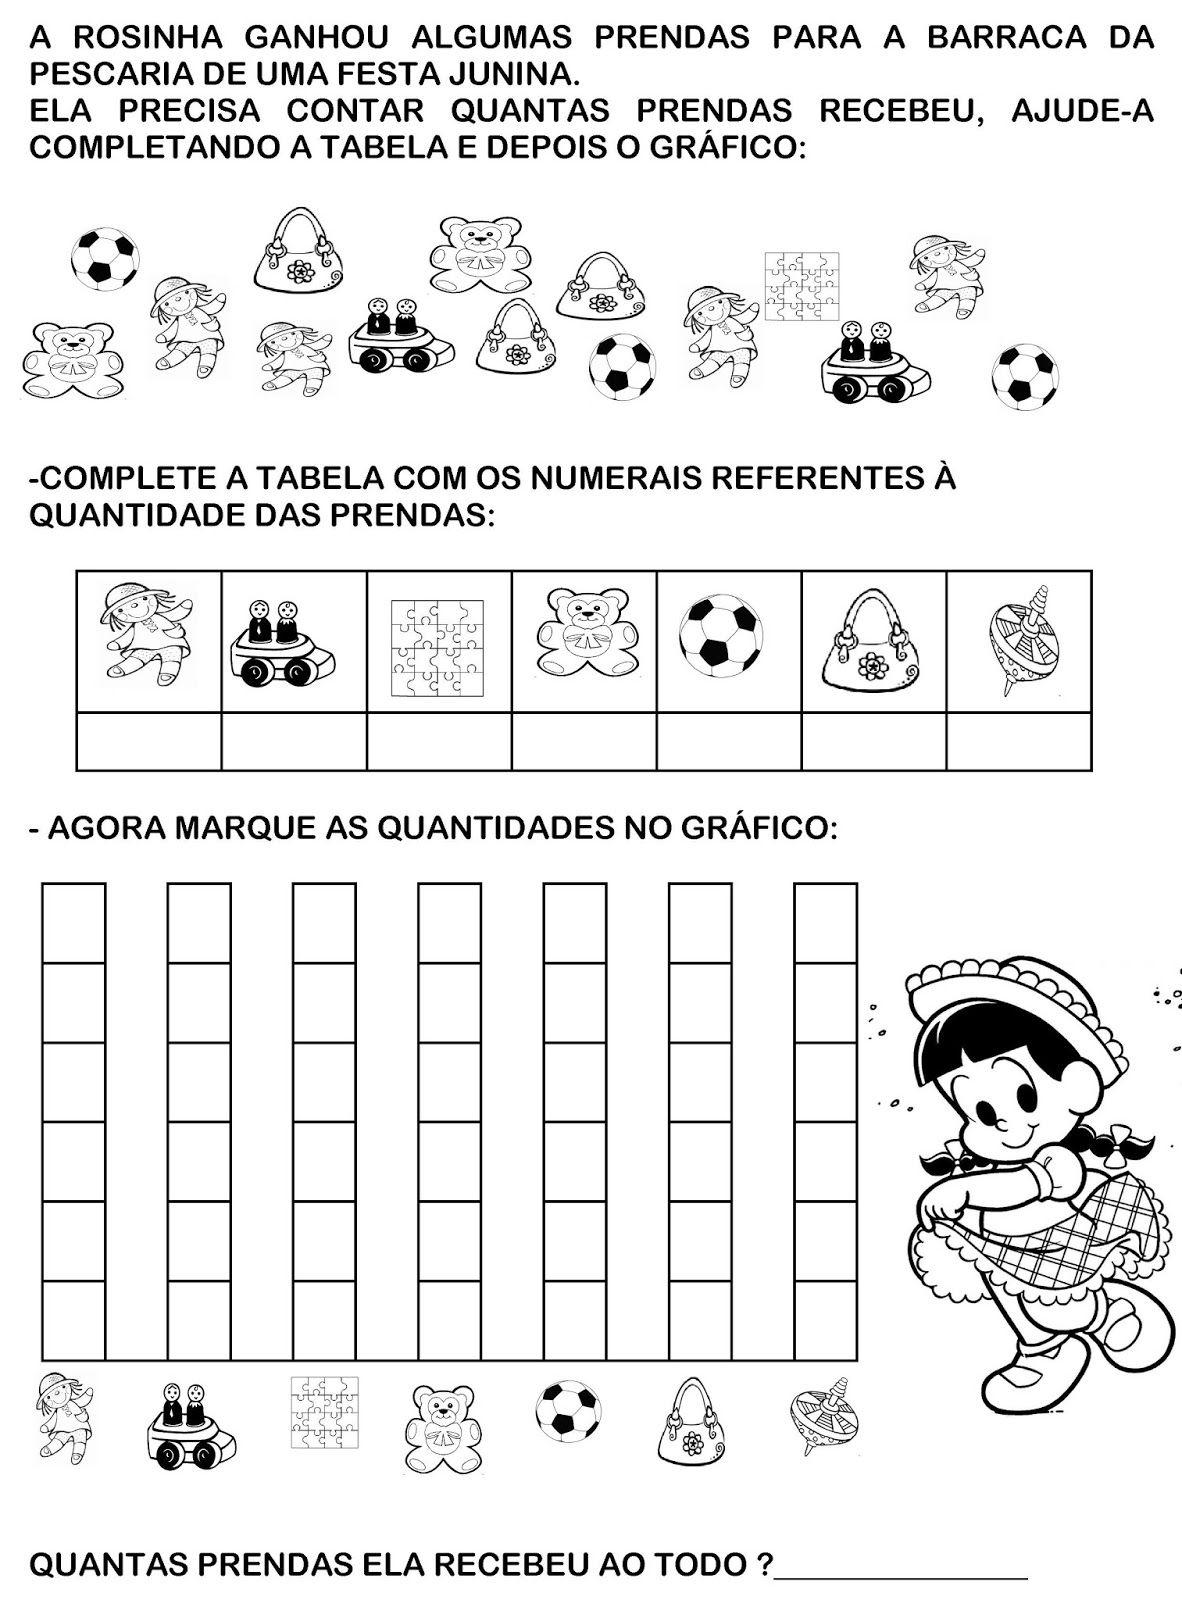 Pin von karem rodrigues auf atividades | Pinterest | Grafiken und Kind